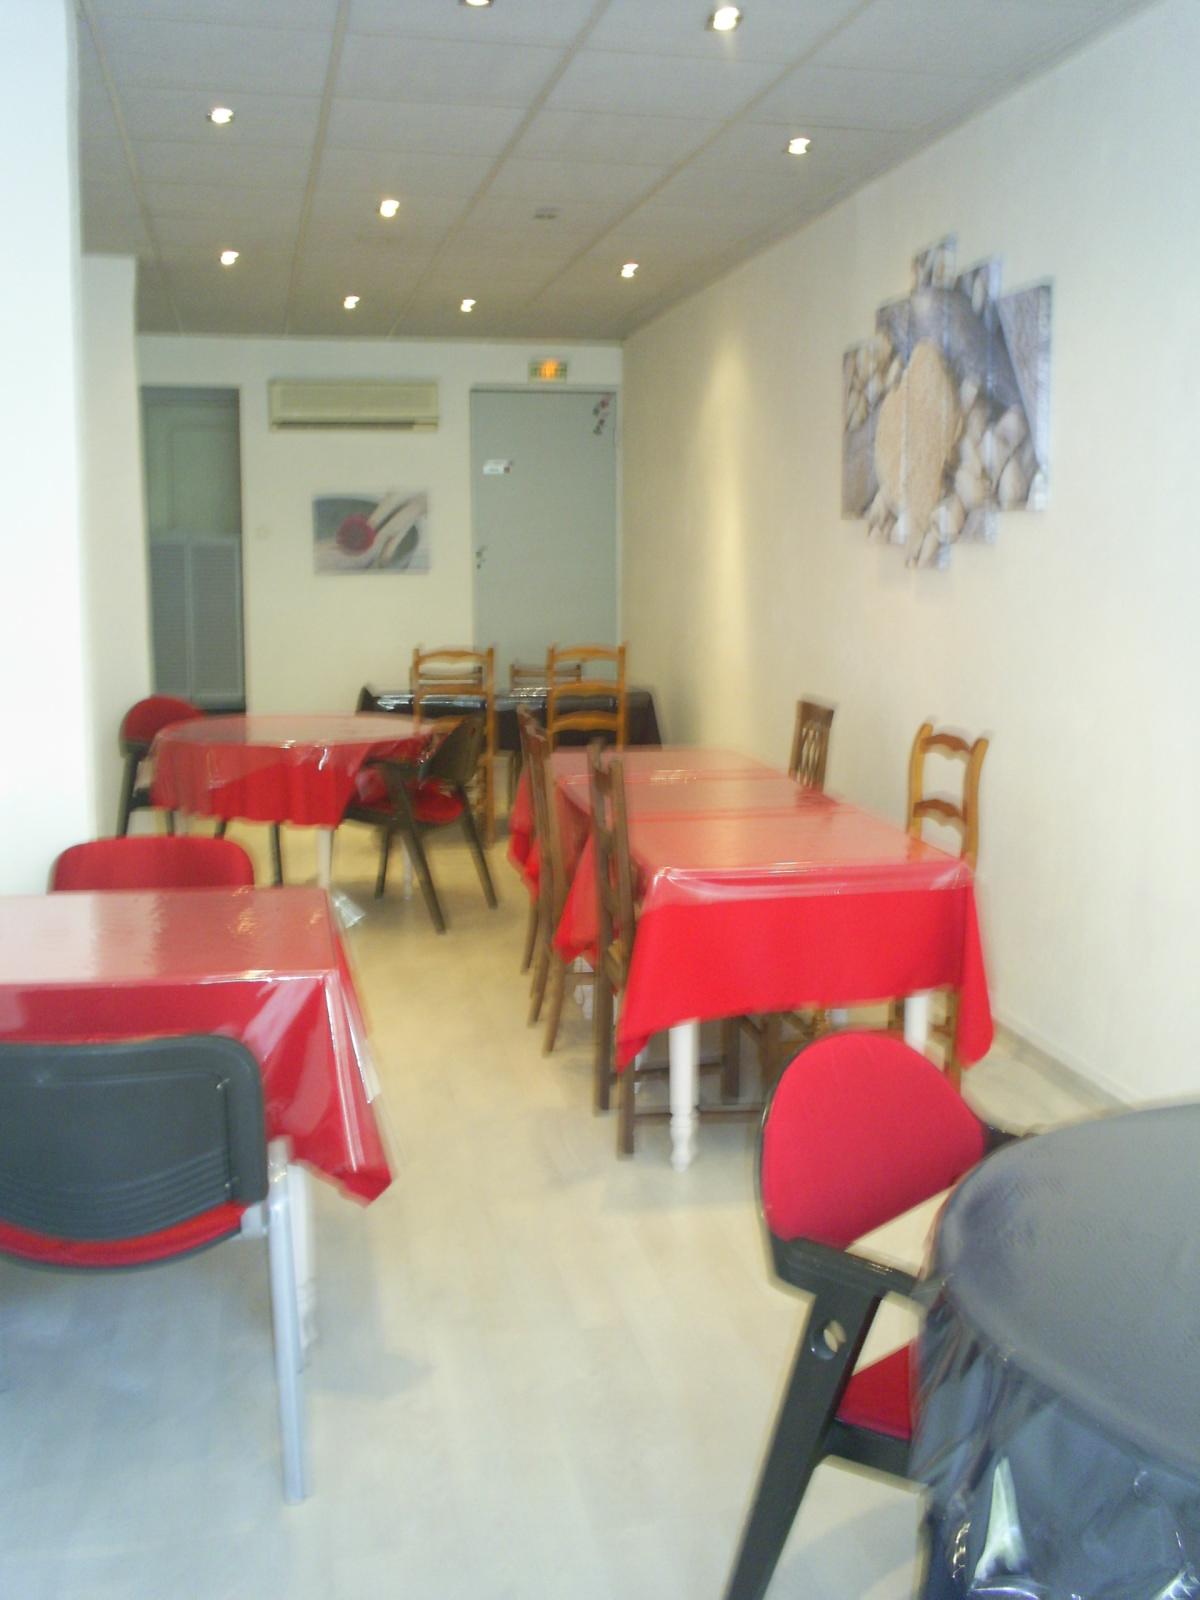 Restaurant au trotteur salon de provence - Restaurant pakistanais salon de provence ...